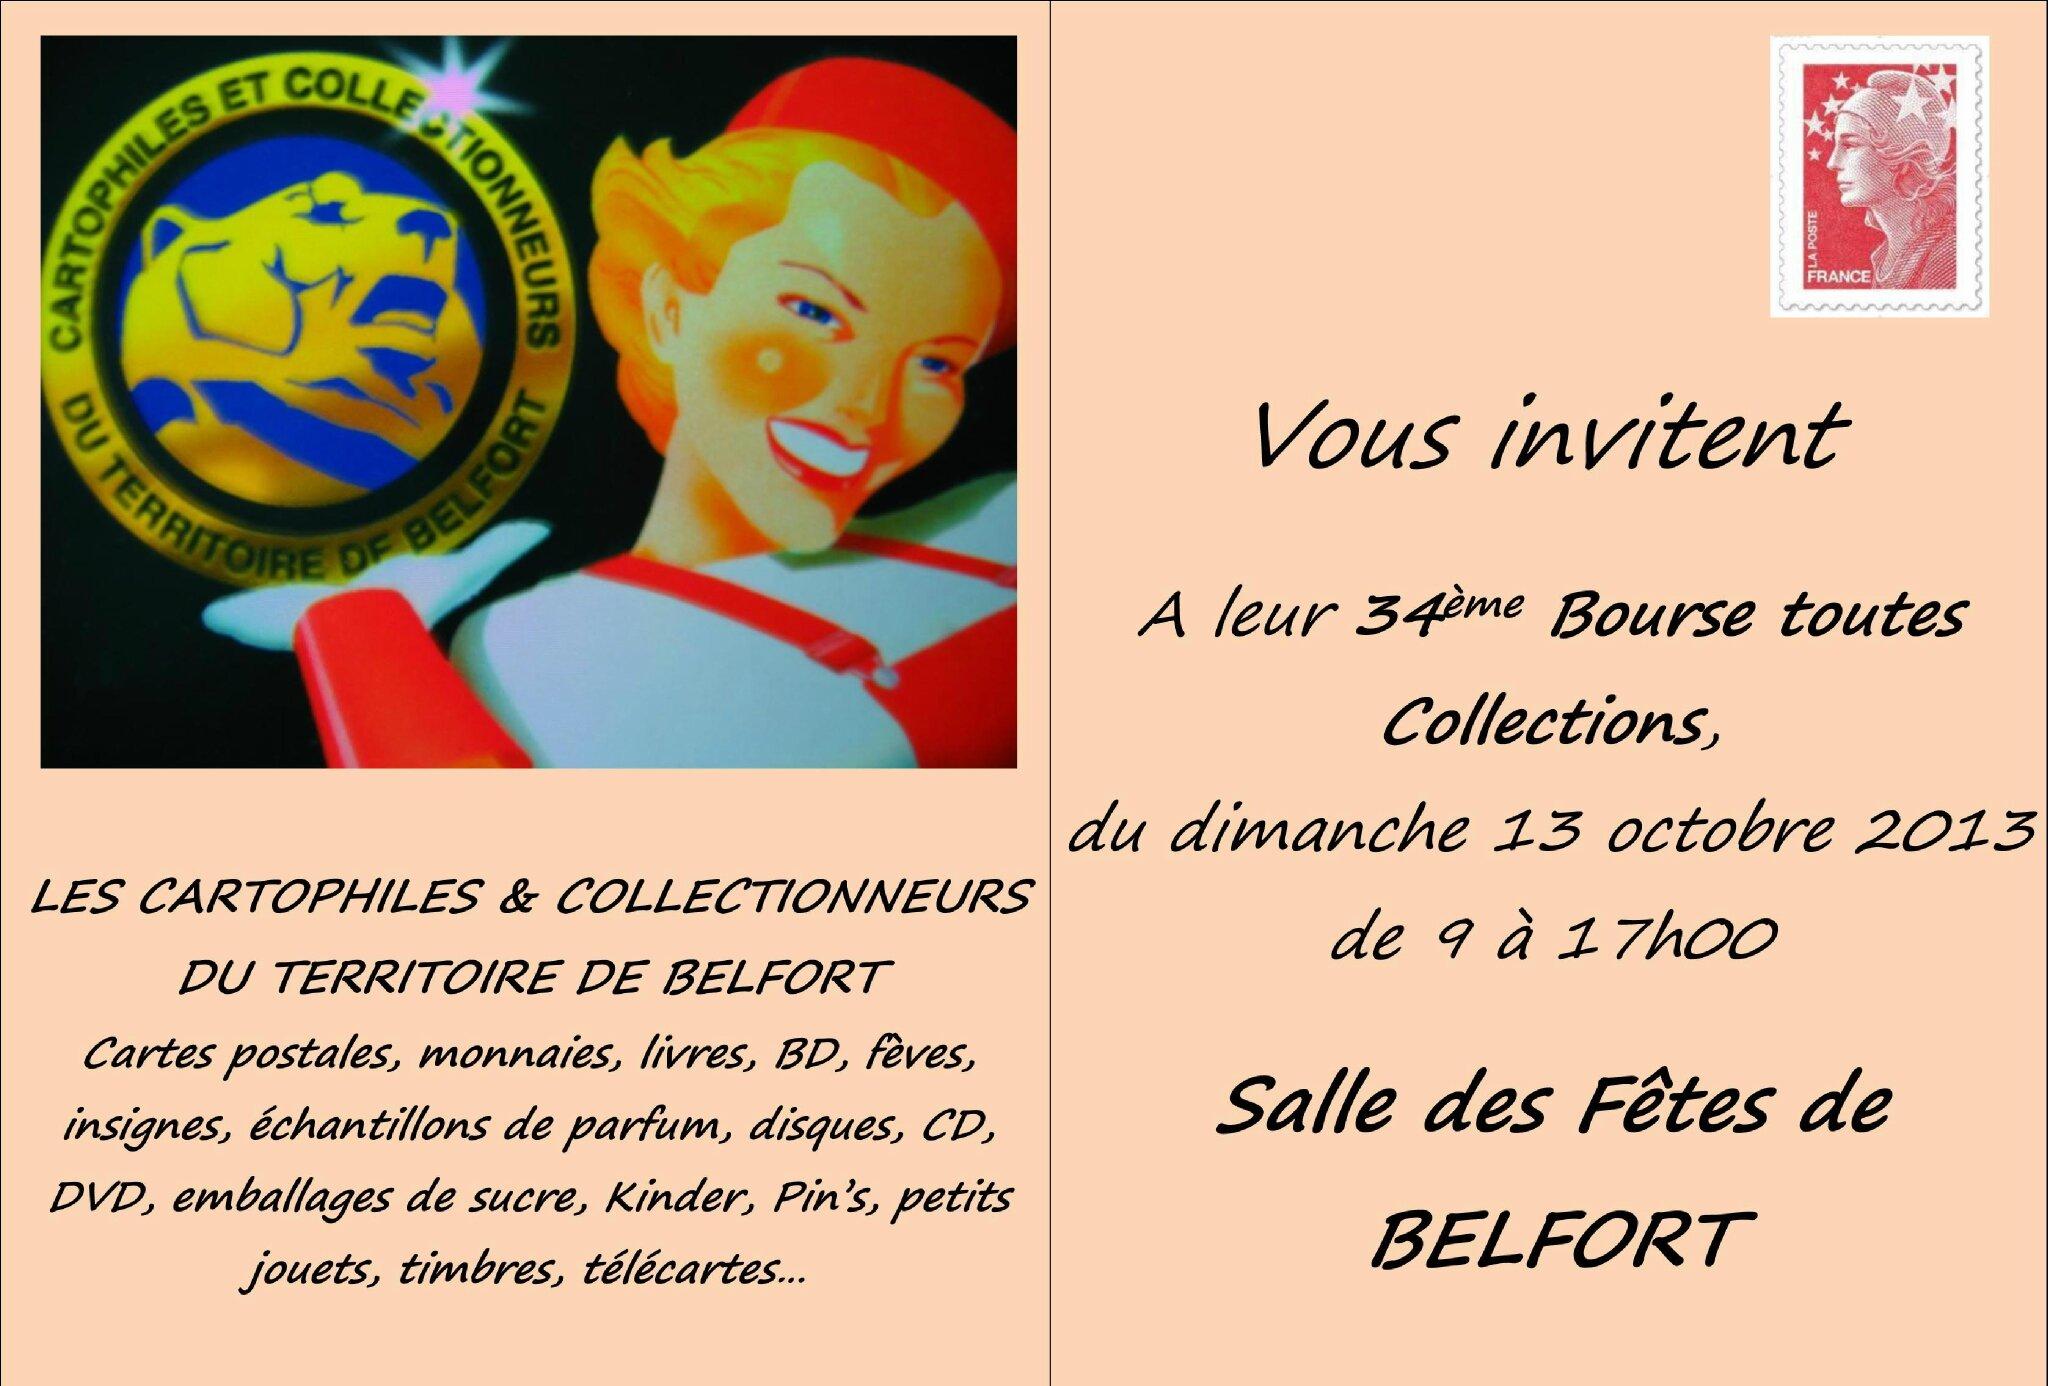 34ème Bourse Toutes Collections le 13 octobre 2013. La Rentrée des collectionneurs